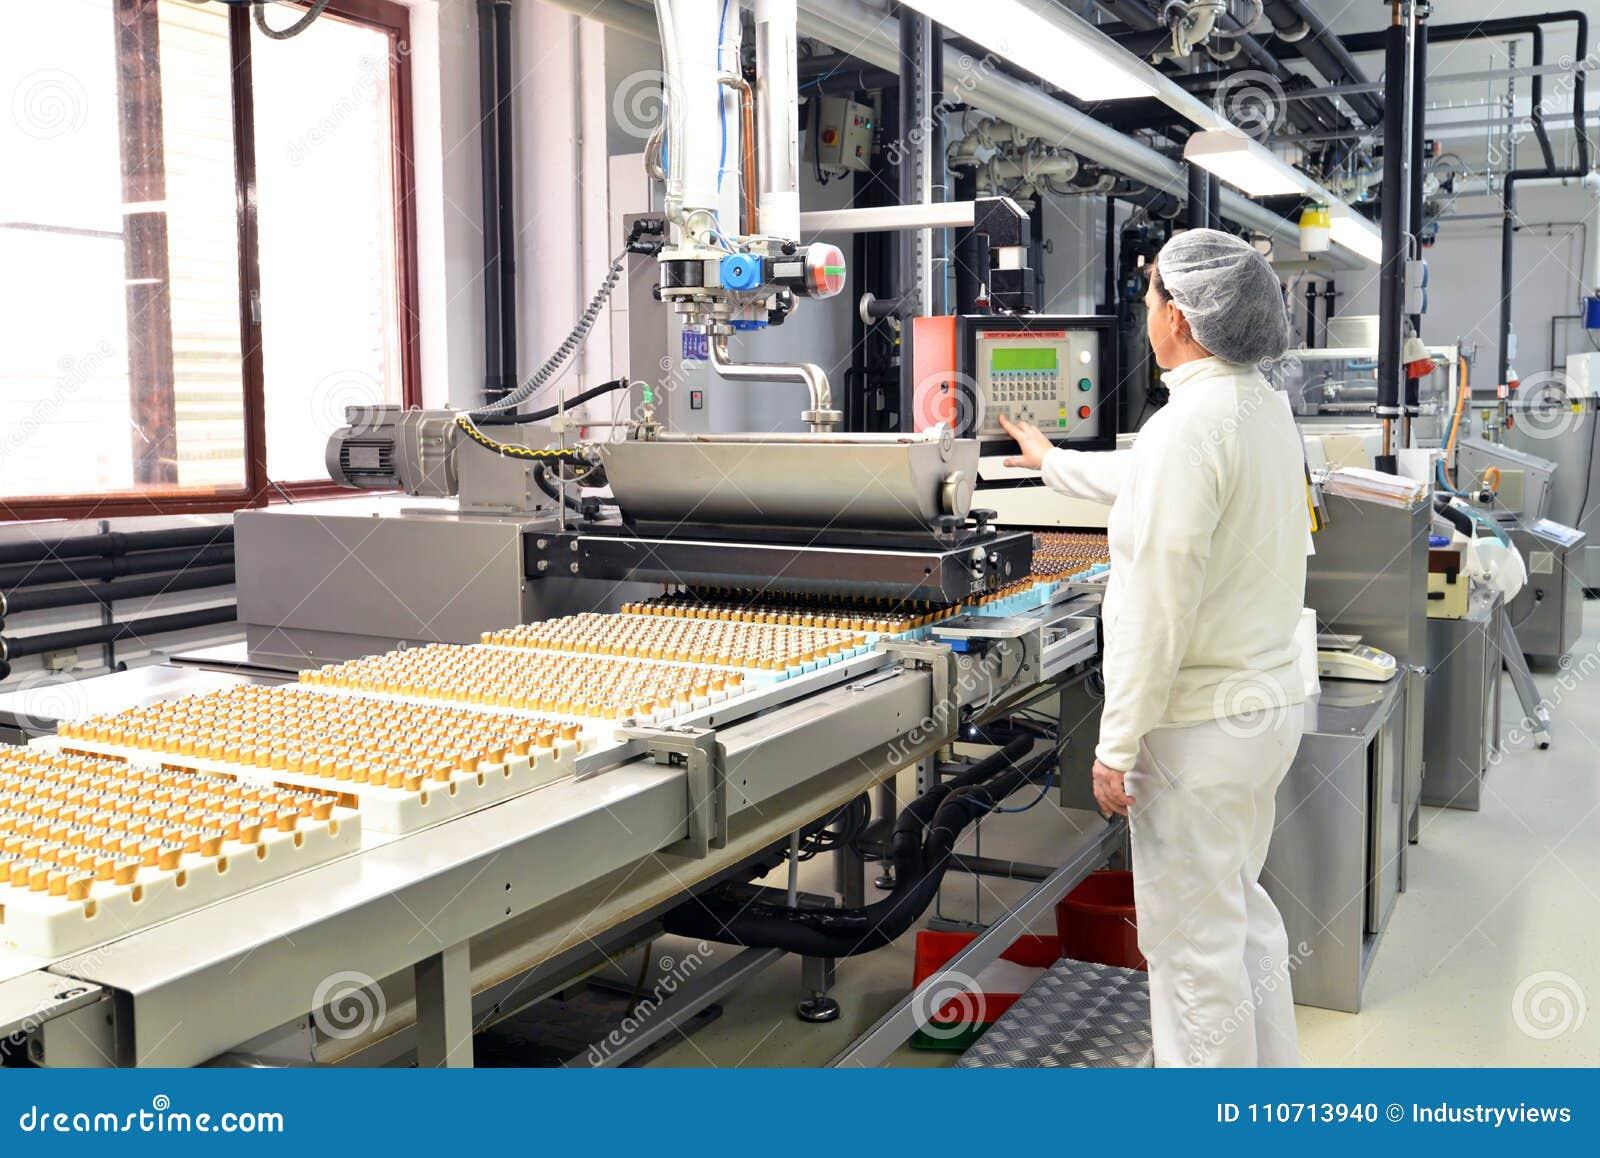 Productie van pralines in een fabriek voor de voedselindustrie - conv